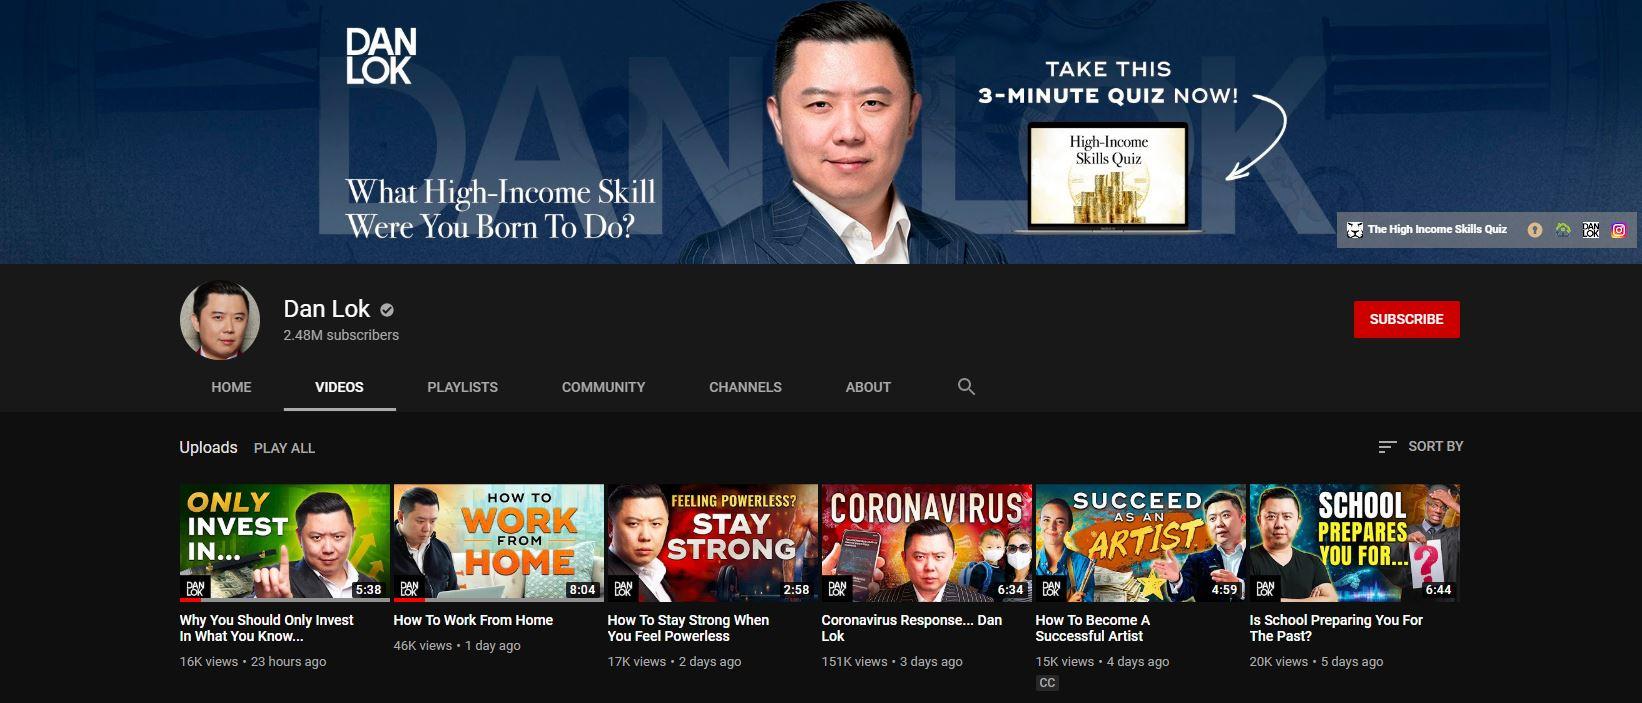 Dan Lok YouTube chnnale